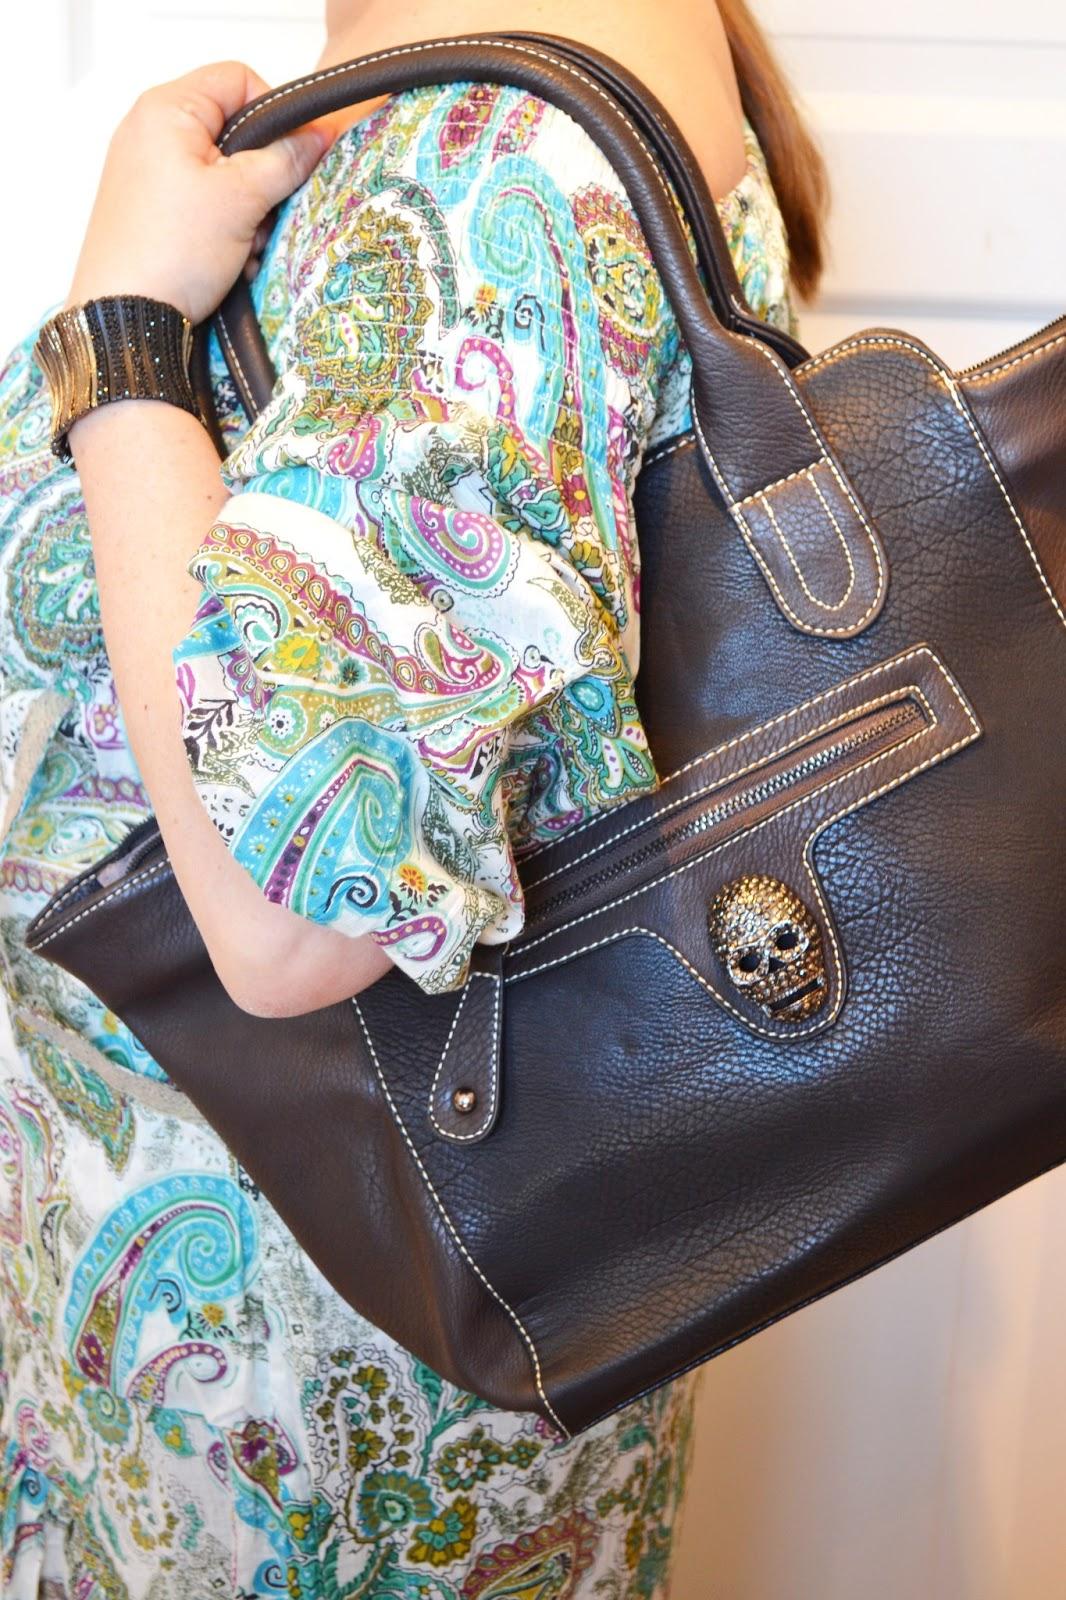 b2e516210faf Väska och armband med lite tuffare detaljer ger outfiten ett lite coolar  intryck. Väskan med döskalledetaljen finns även i ...